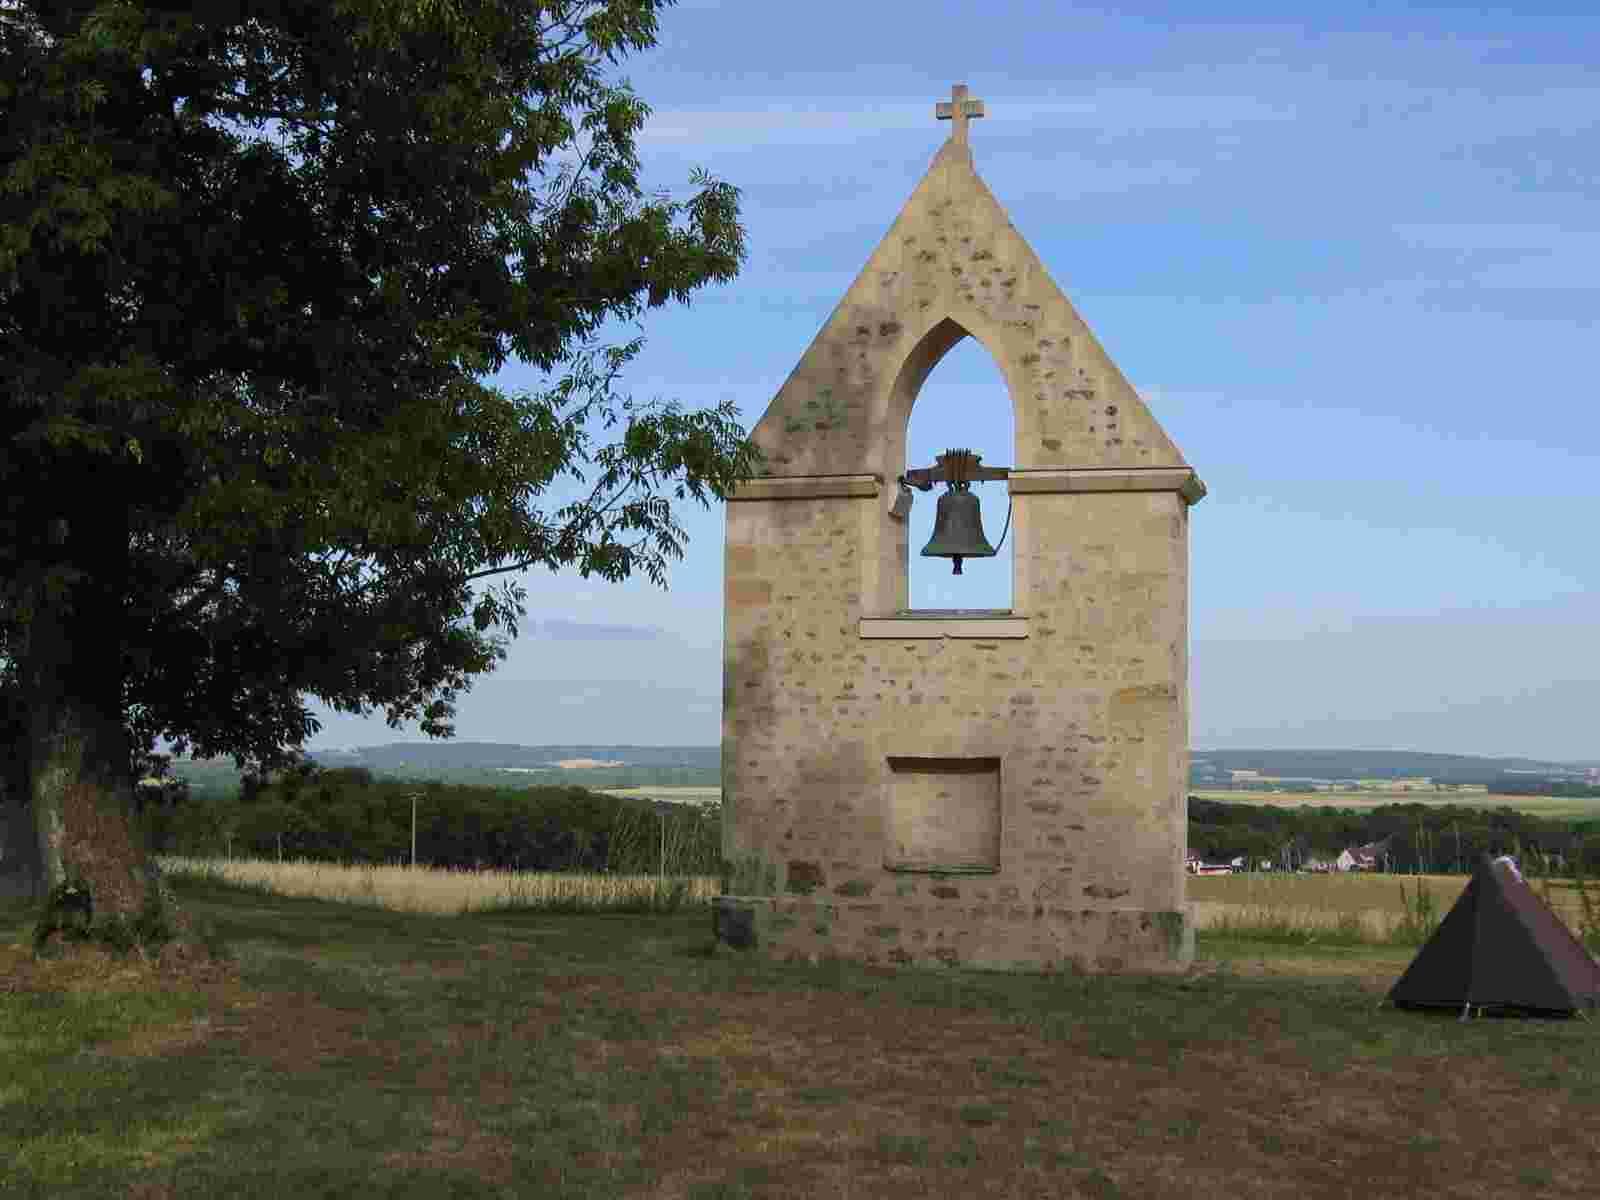 Reste, - Erinnerung an eine alte Pilgerkapelle